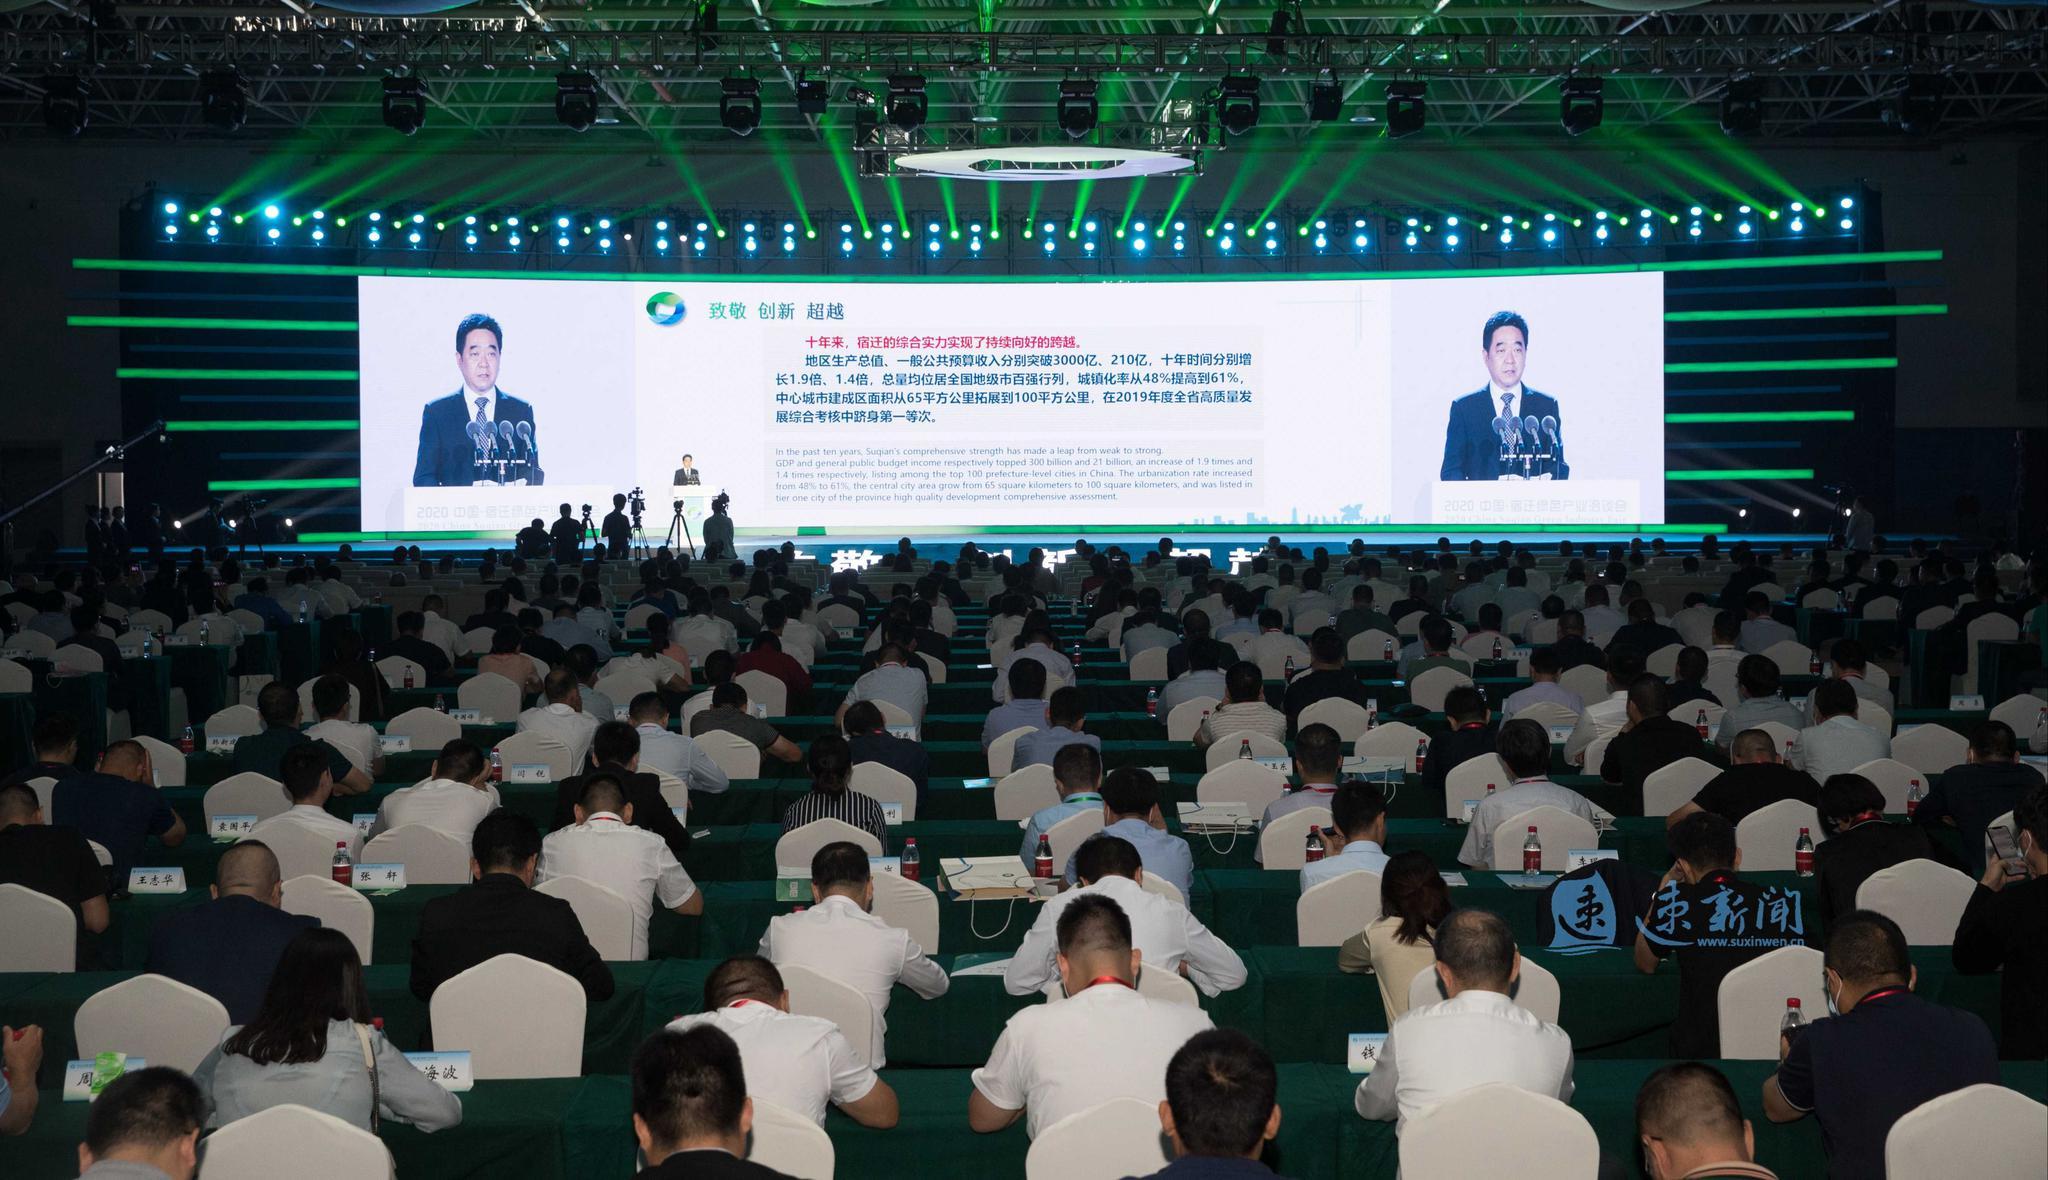 2020中国·宿迁绿色产业洽谈会暨中国宿迁投资环境说明会举行